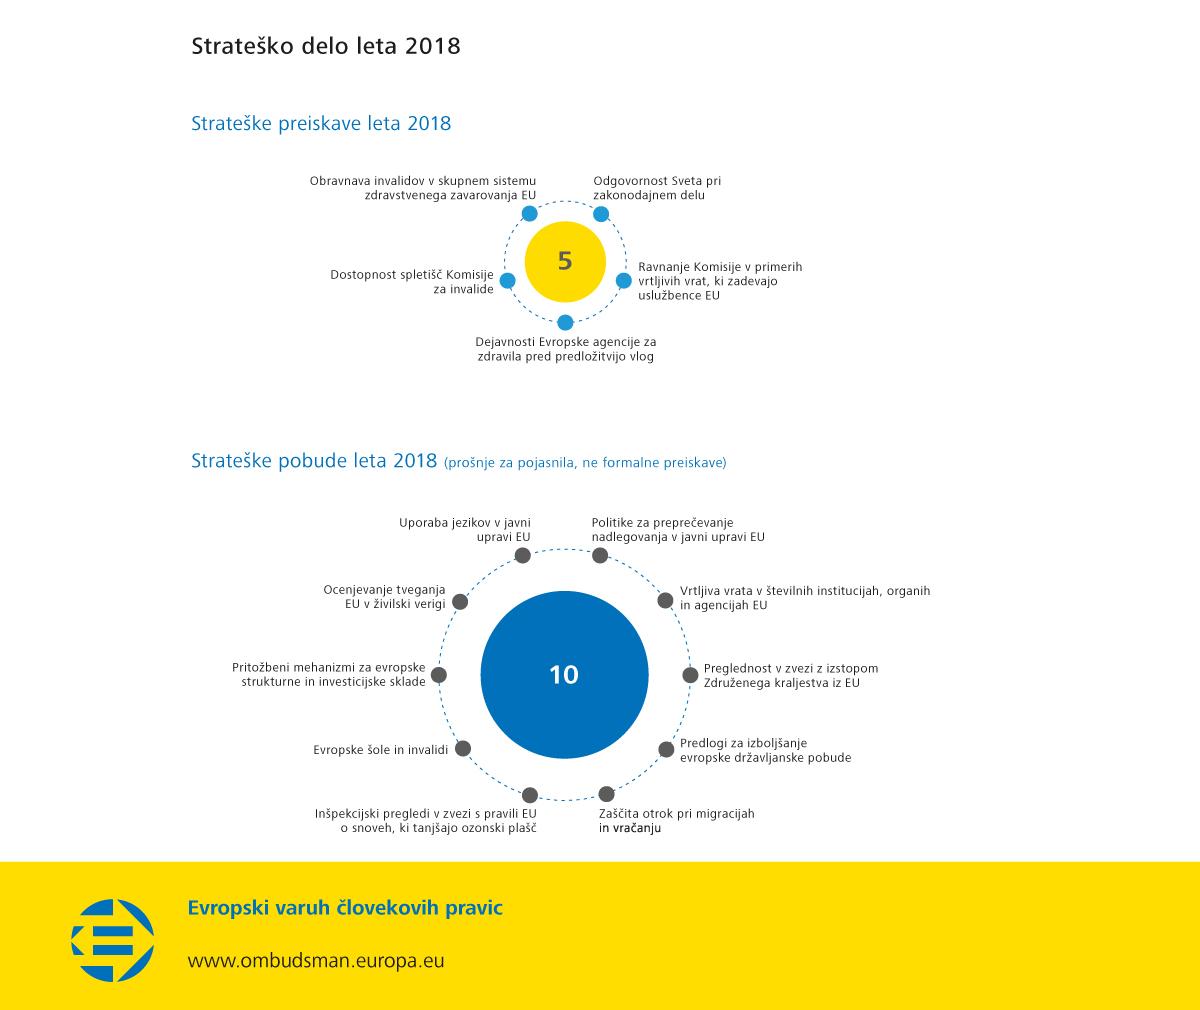 Strateško delo leta 2018